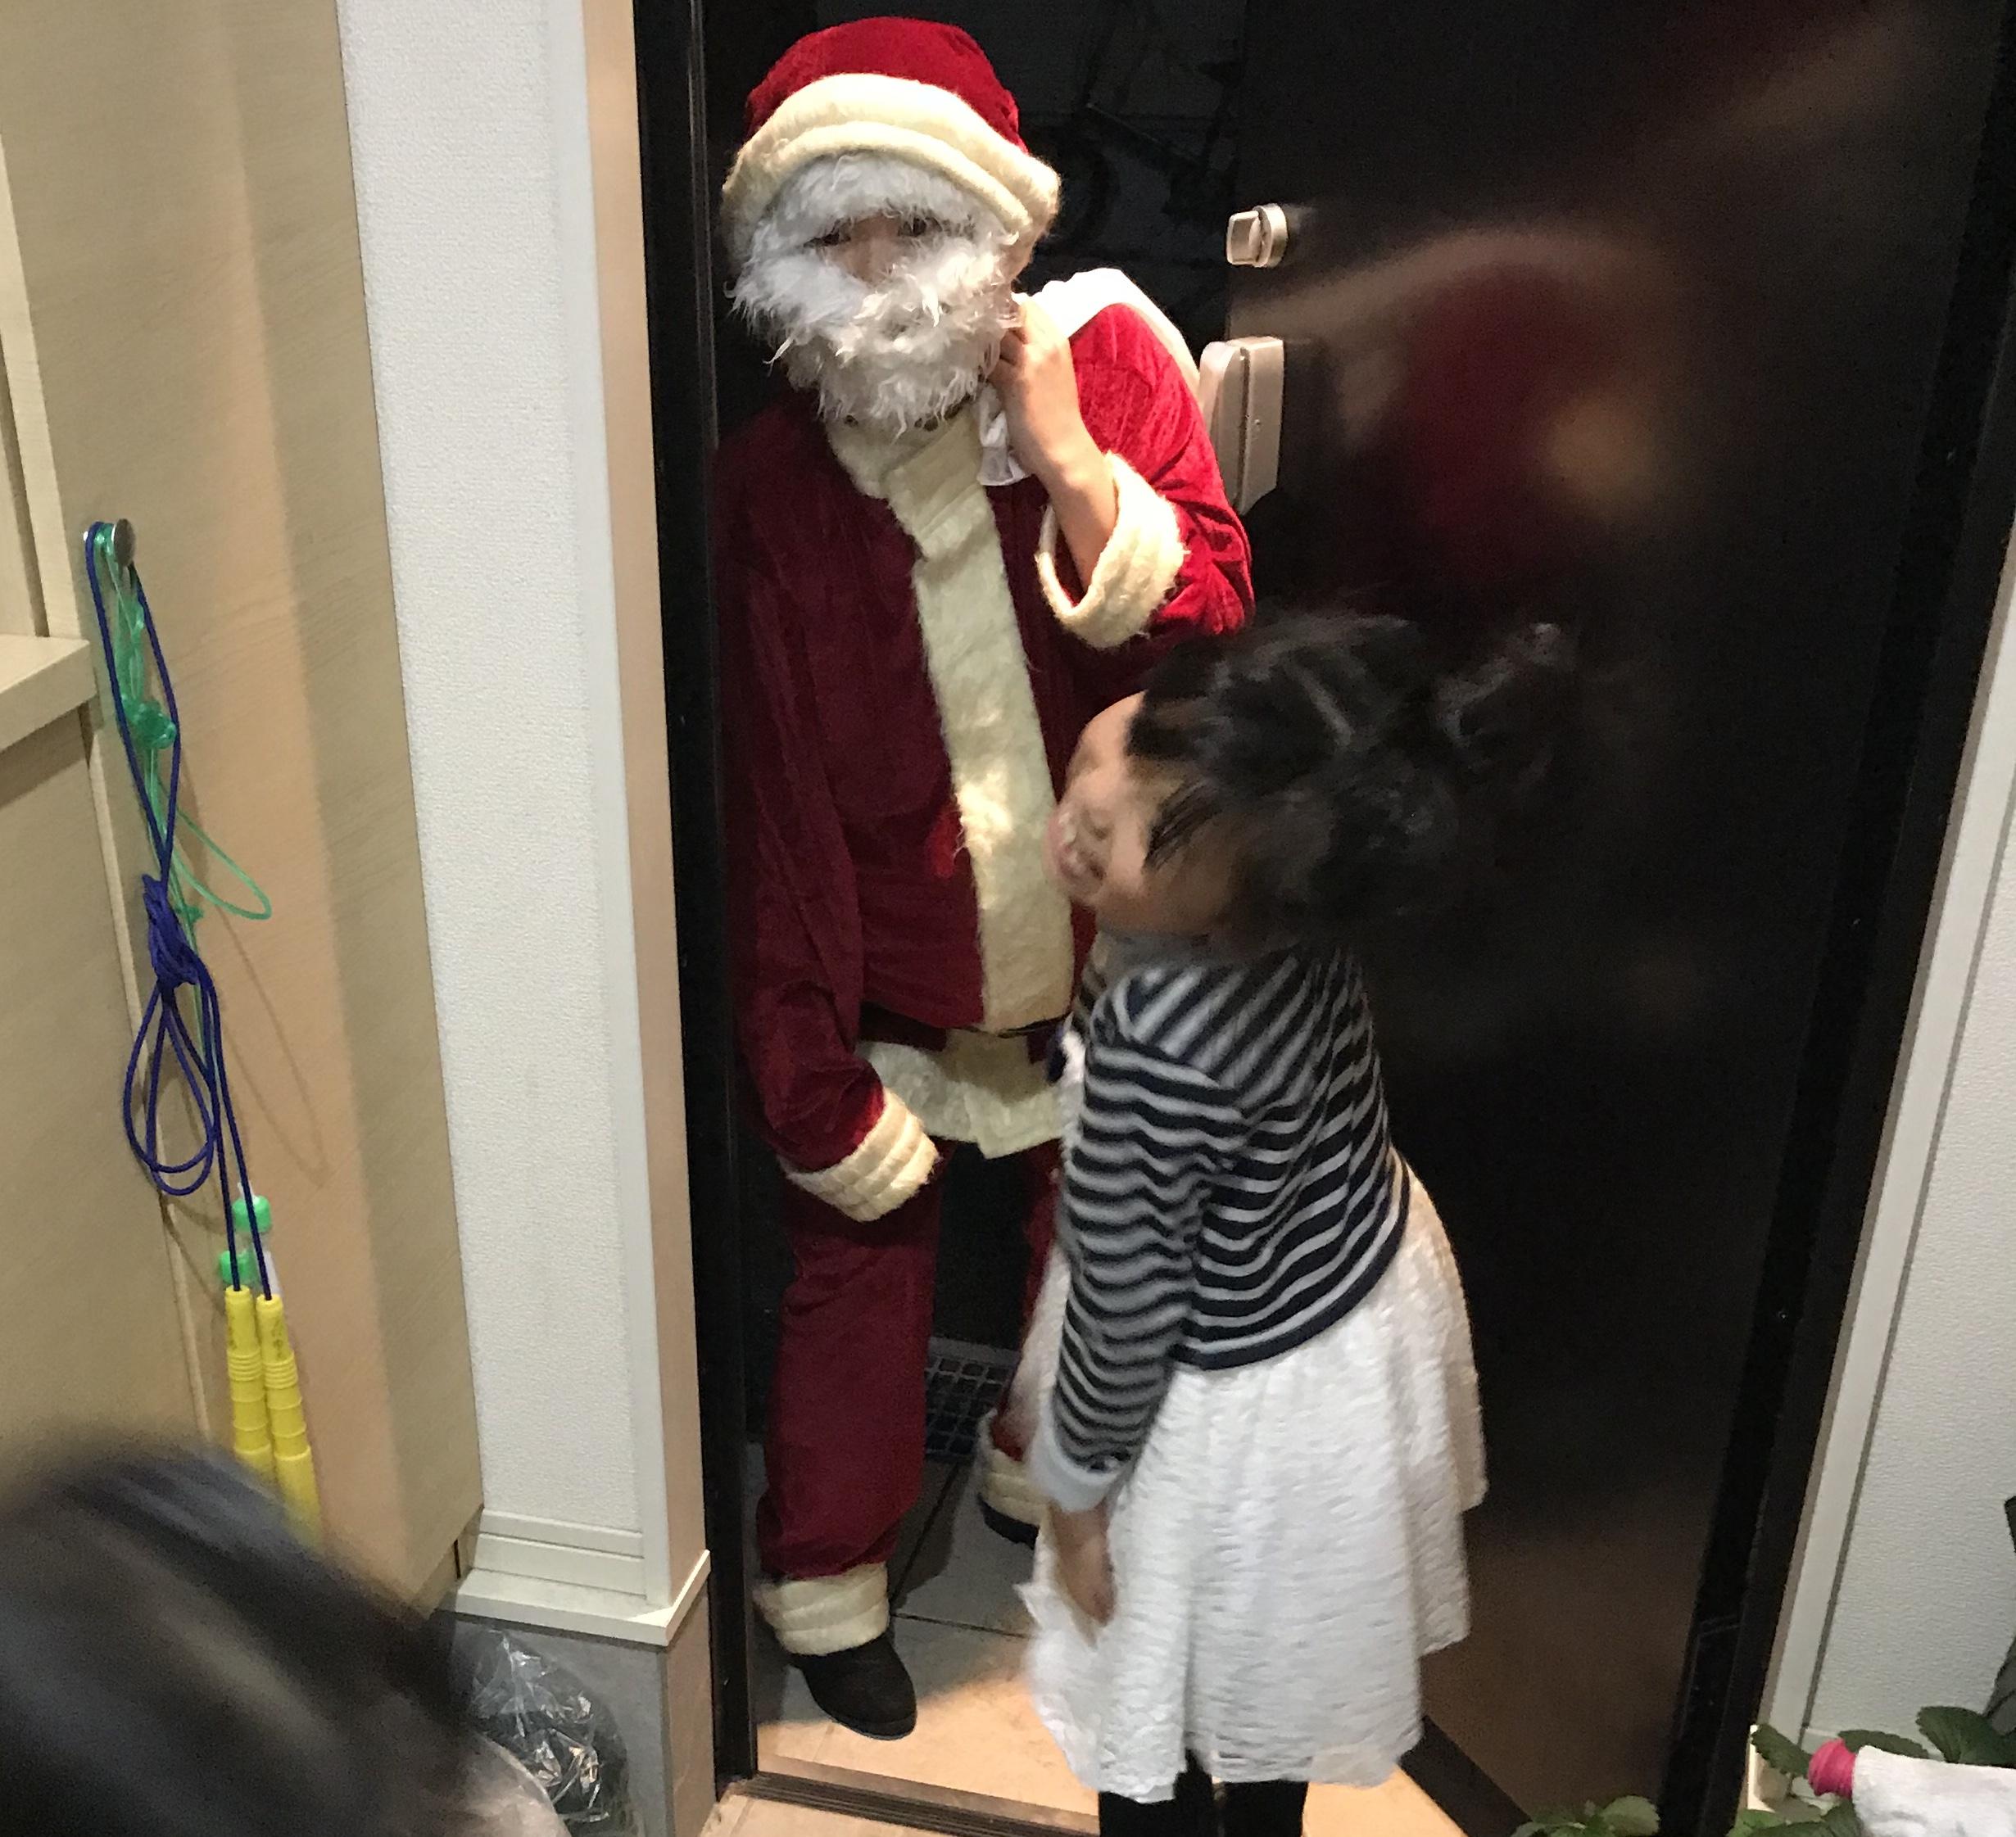 サンタさんは本物かしら?!